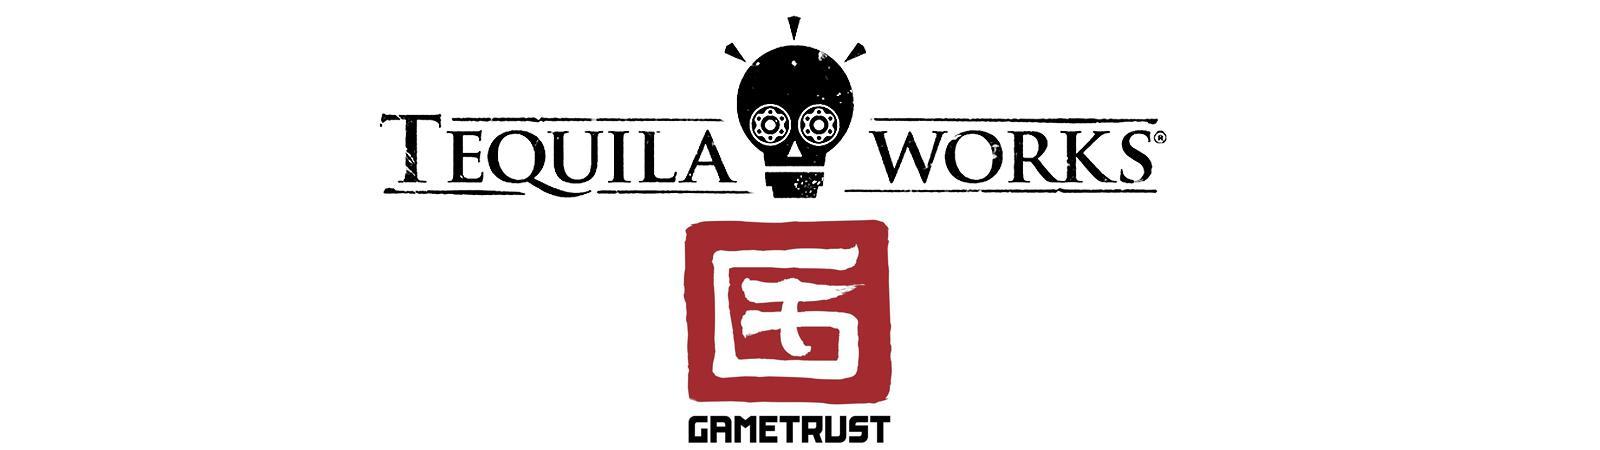 Tequila Works GameTrust noticia cabecera